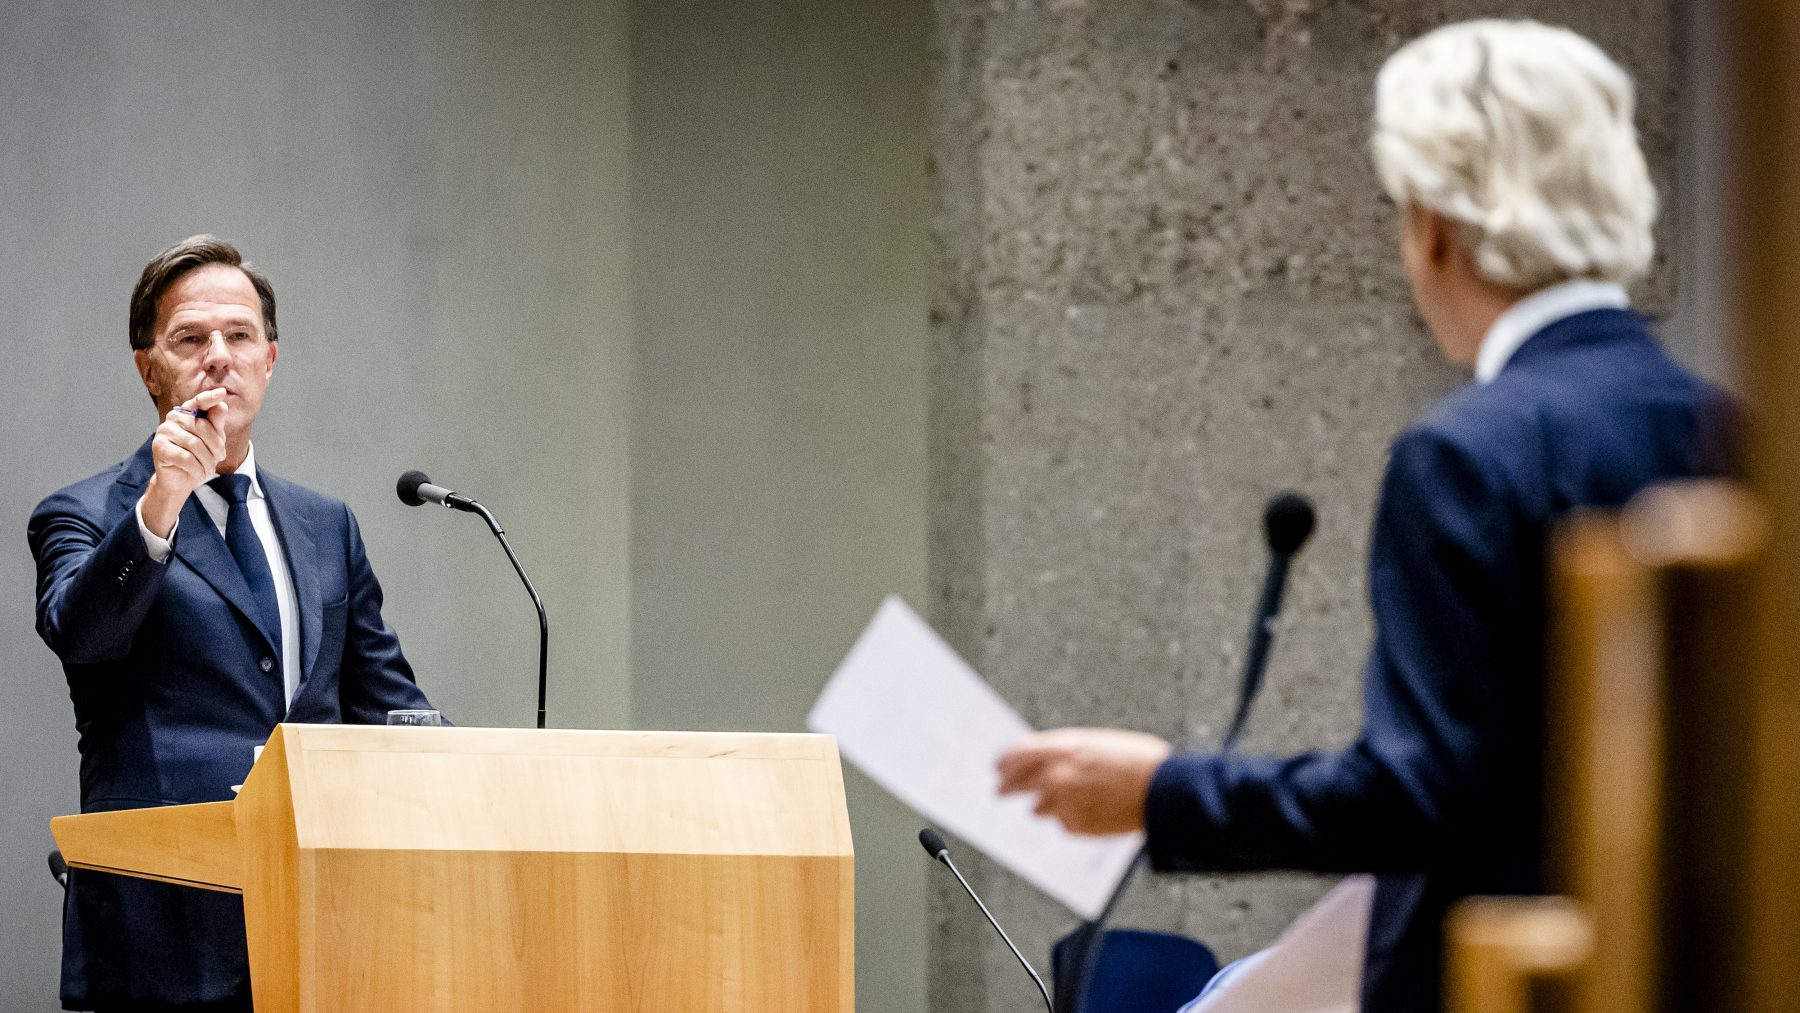 Verharde debat in Tweede Kamer slecht voor vertrouwen: 'Parlement heeft voorbeeldfunctie'